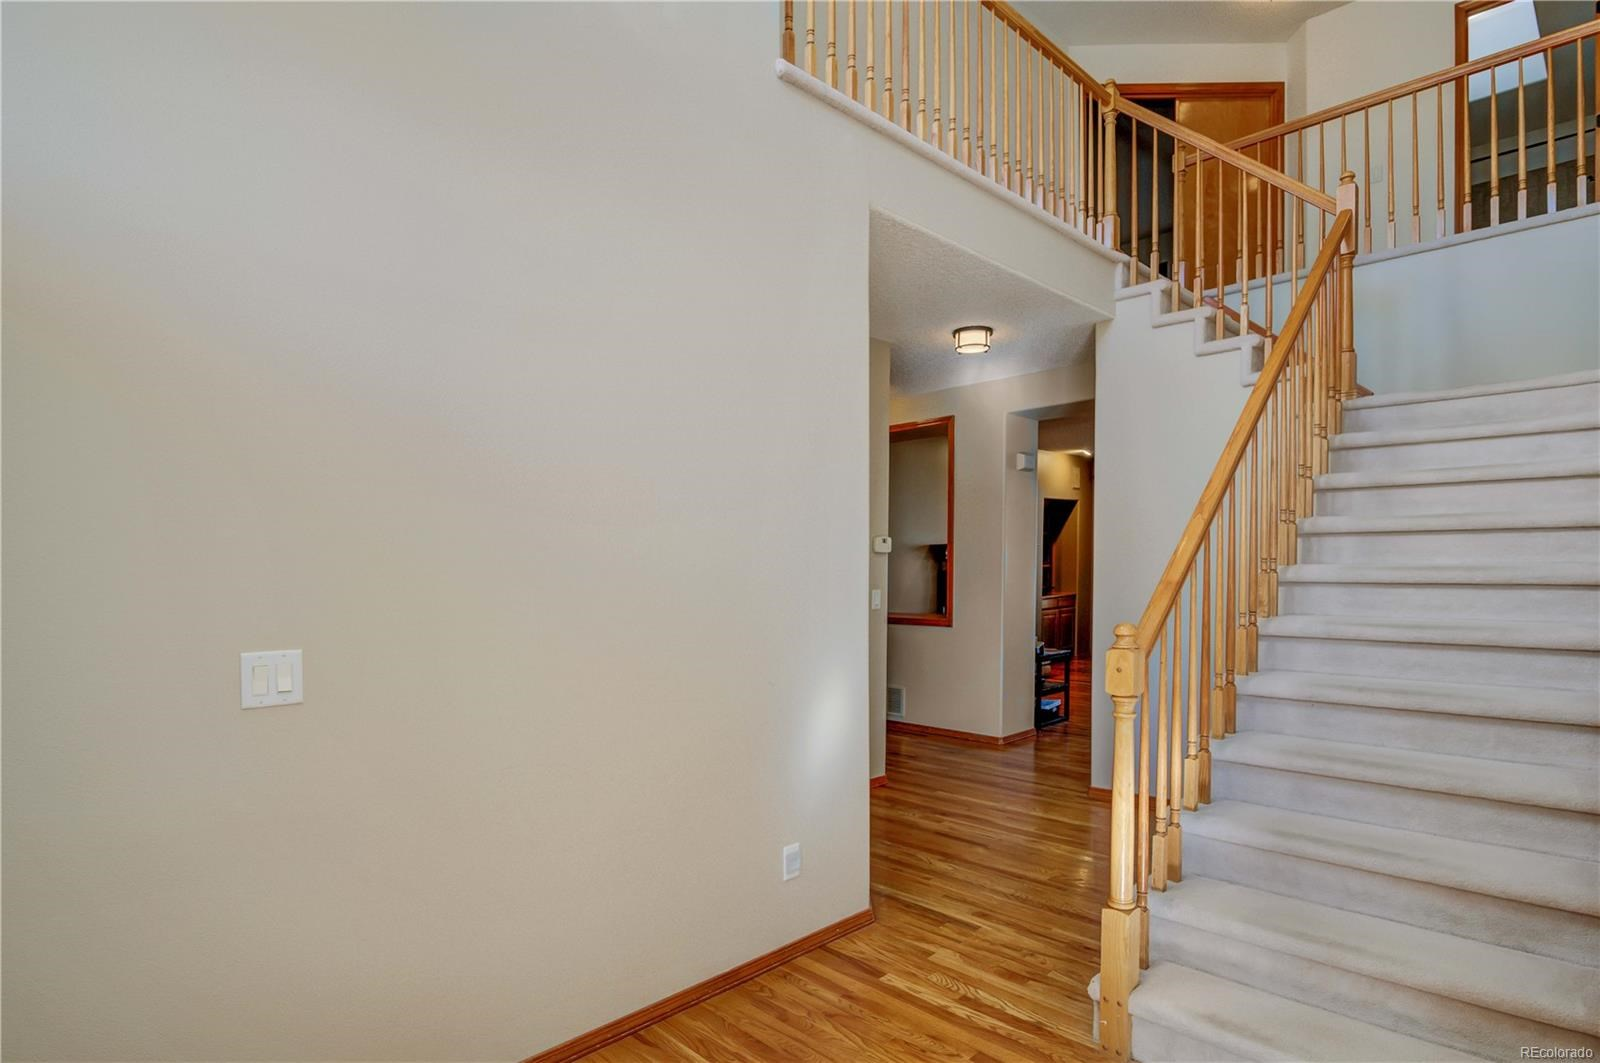 MLS# 5456451 - 15 - 15971 Woodmeadow Court, Colorado Springs, CO 80921